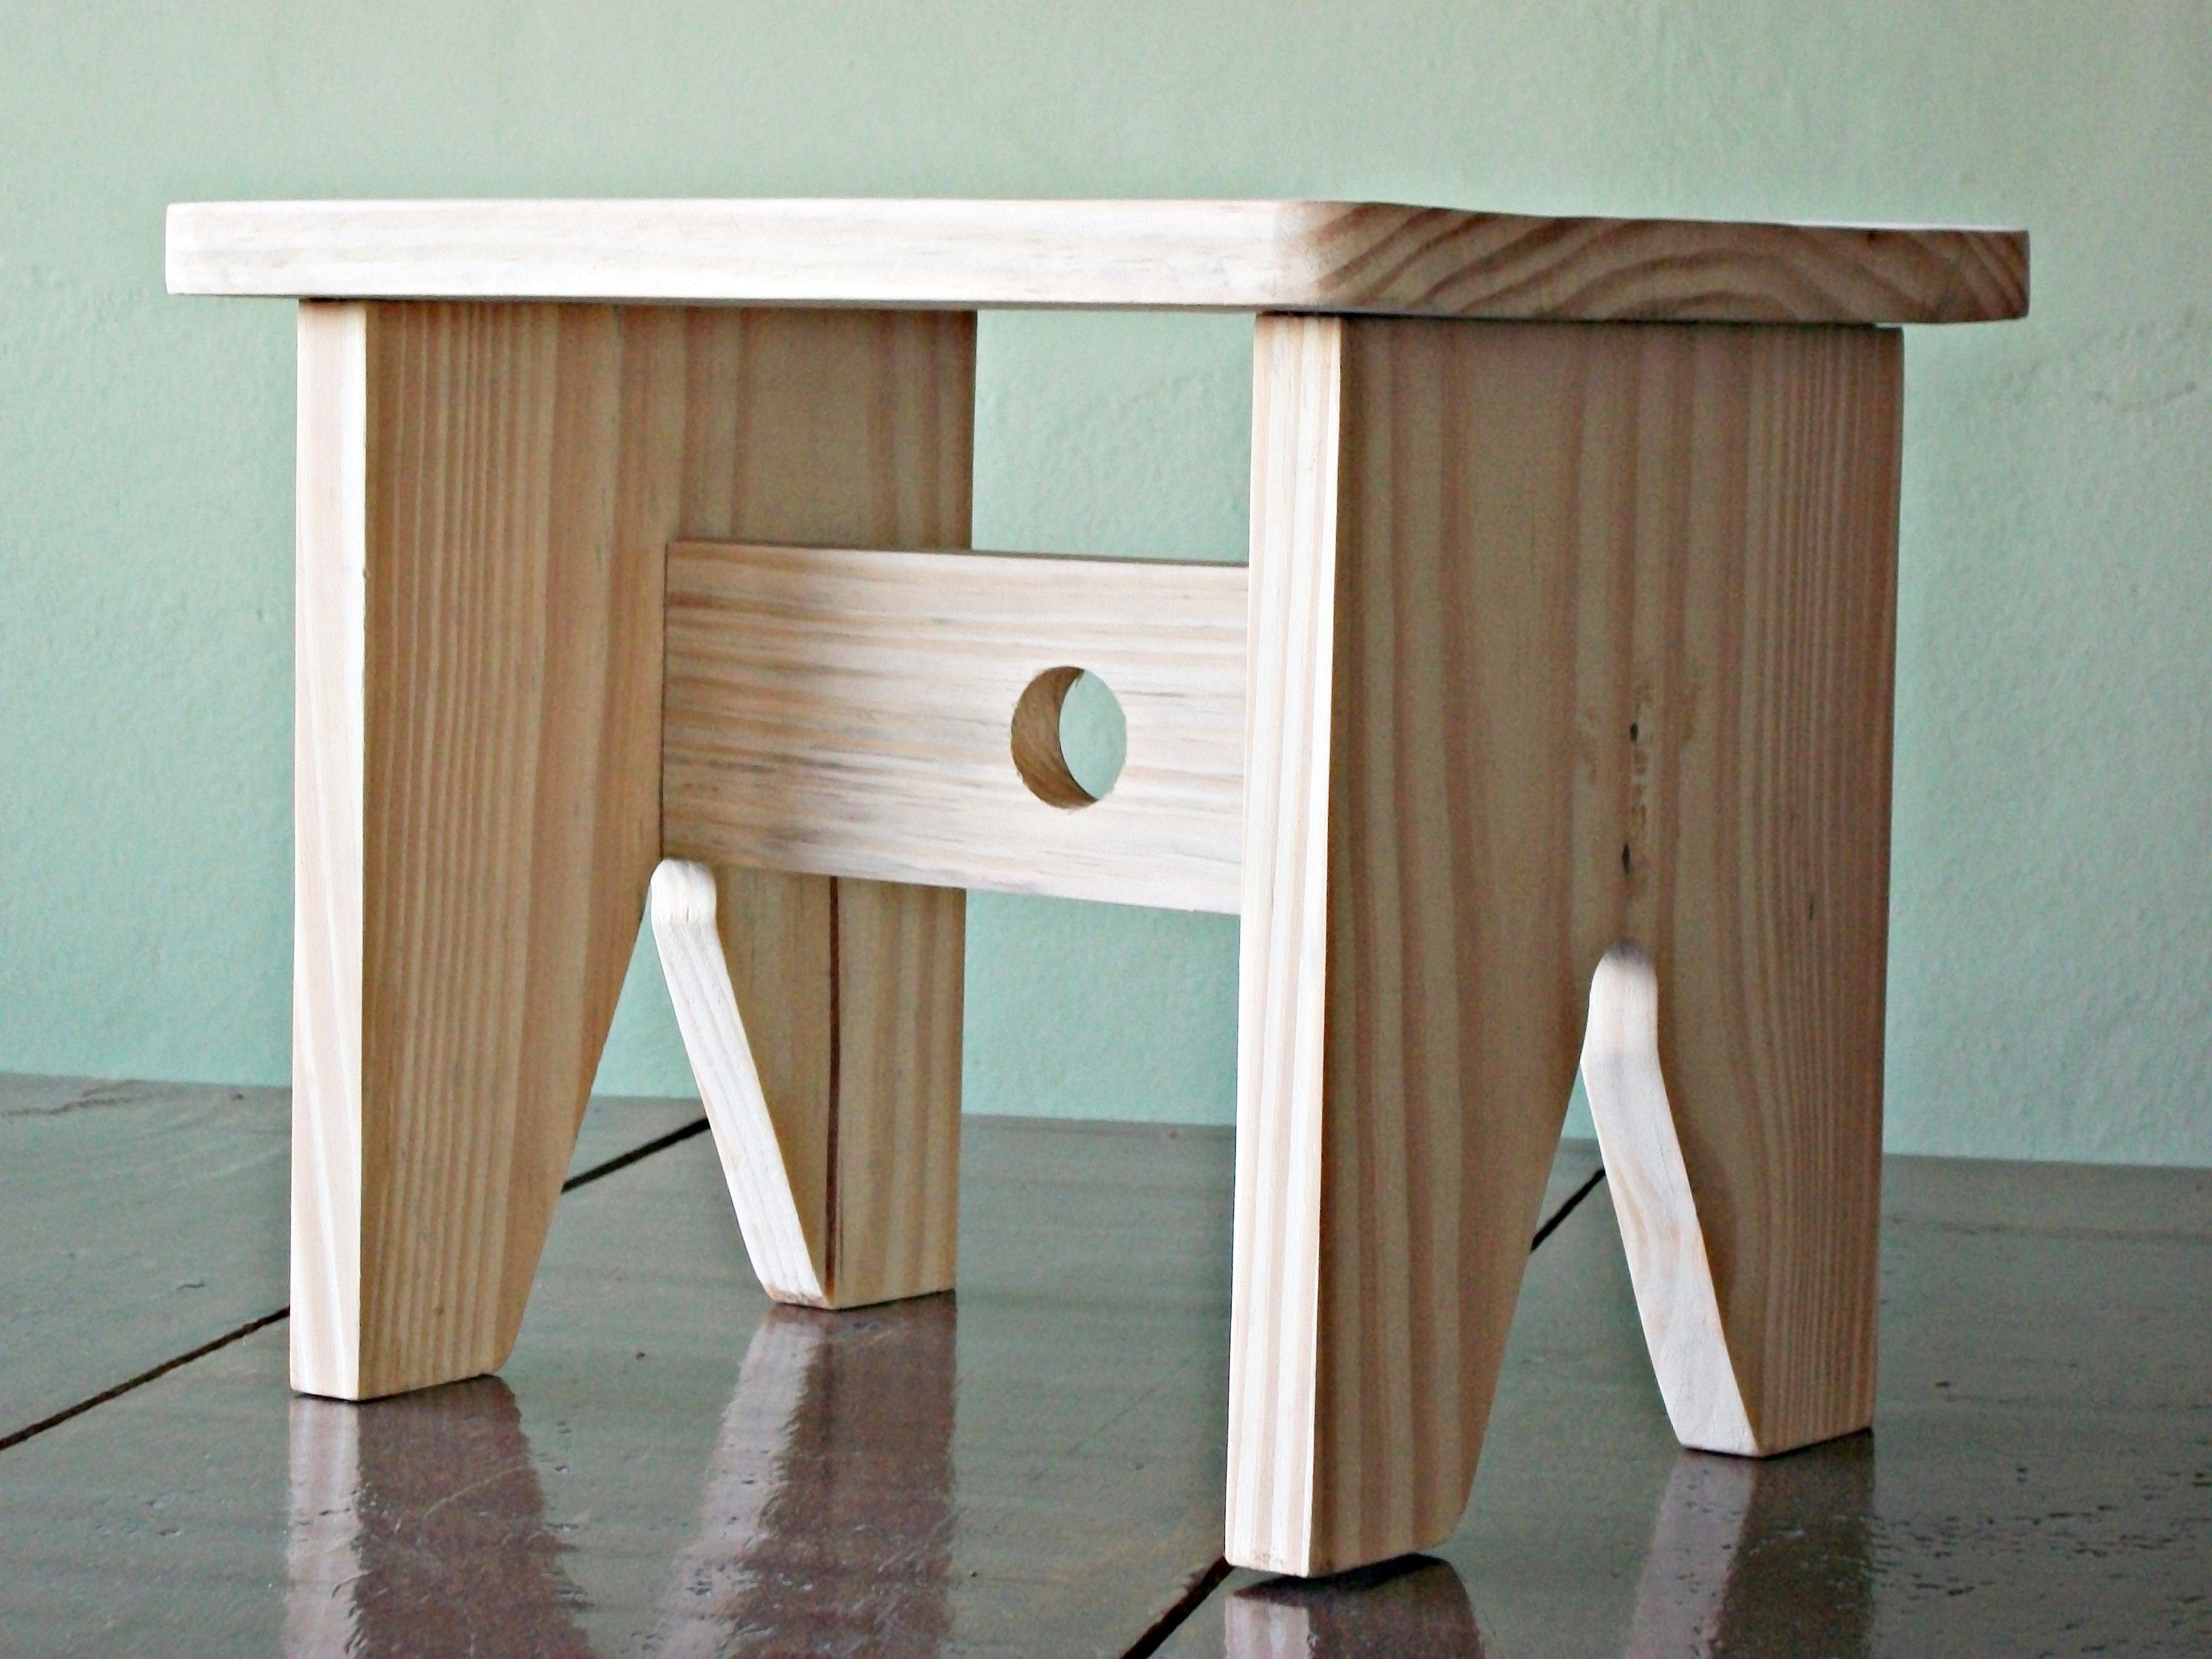 madeira natural banquinho de manicure banquinho caipira em madeira #644C39 3664x2748